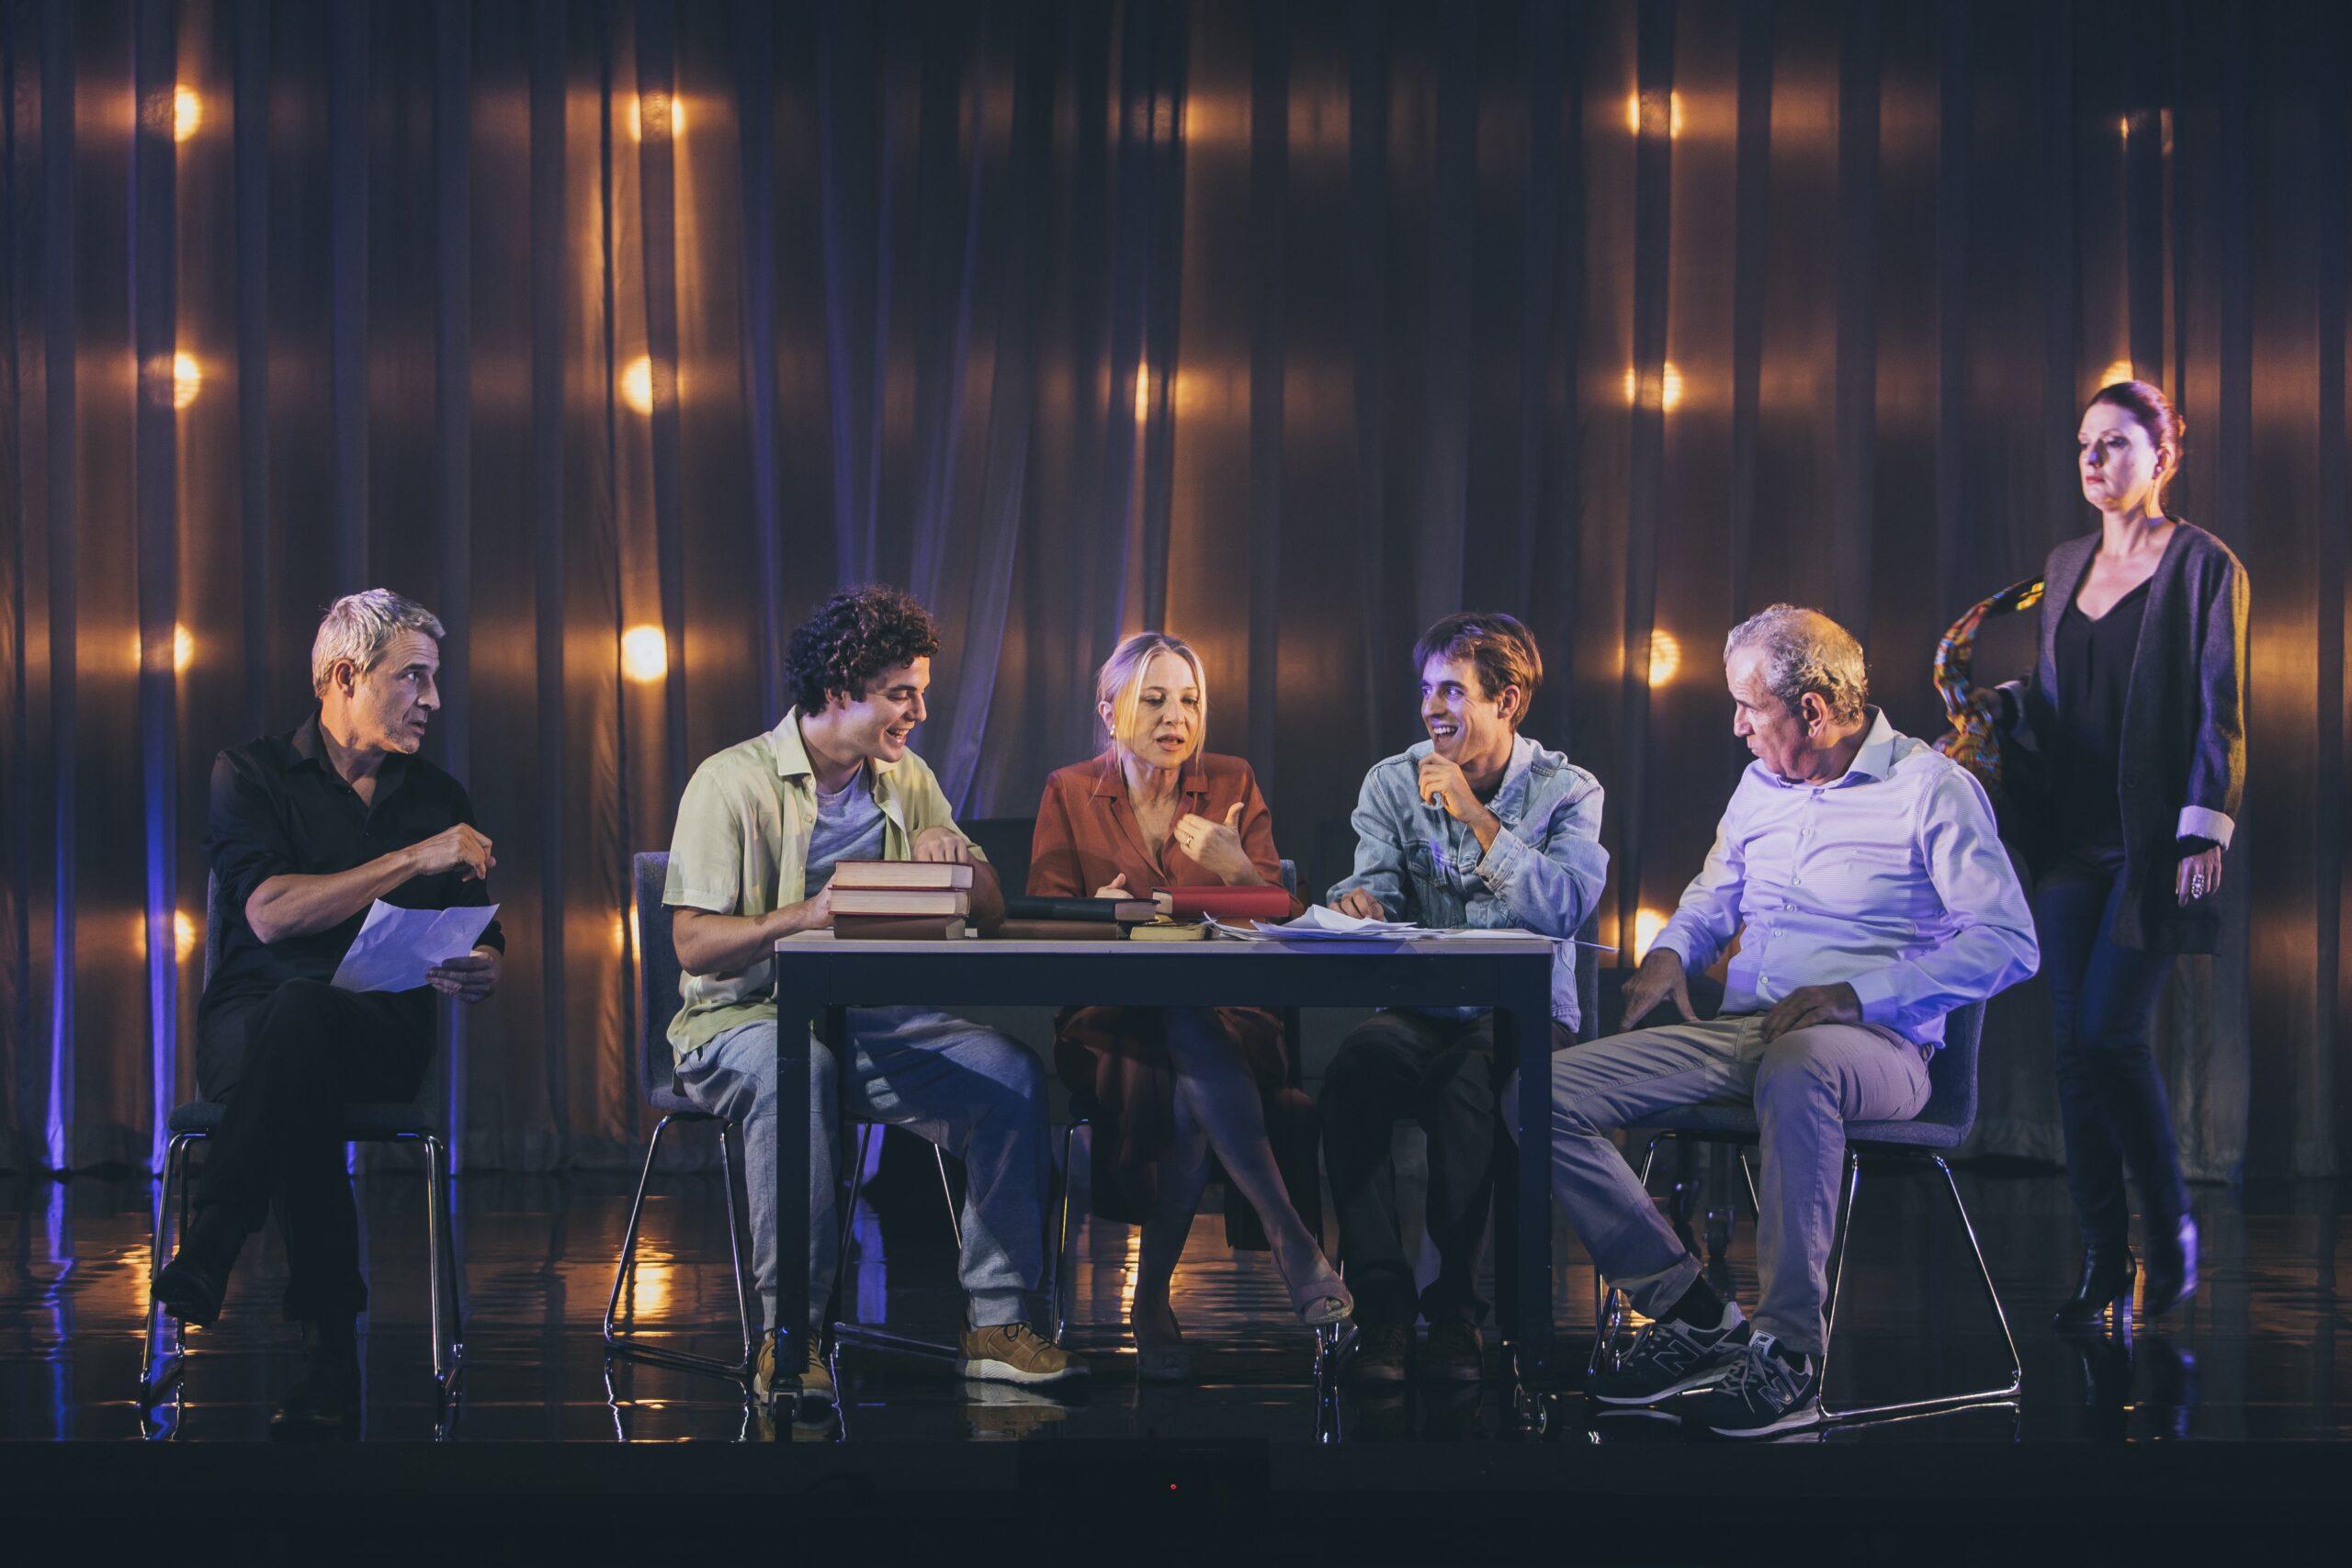 El chico de la última fila, Juan Mayorga, Teatro María Guerrero